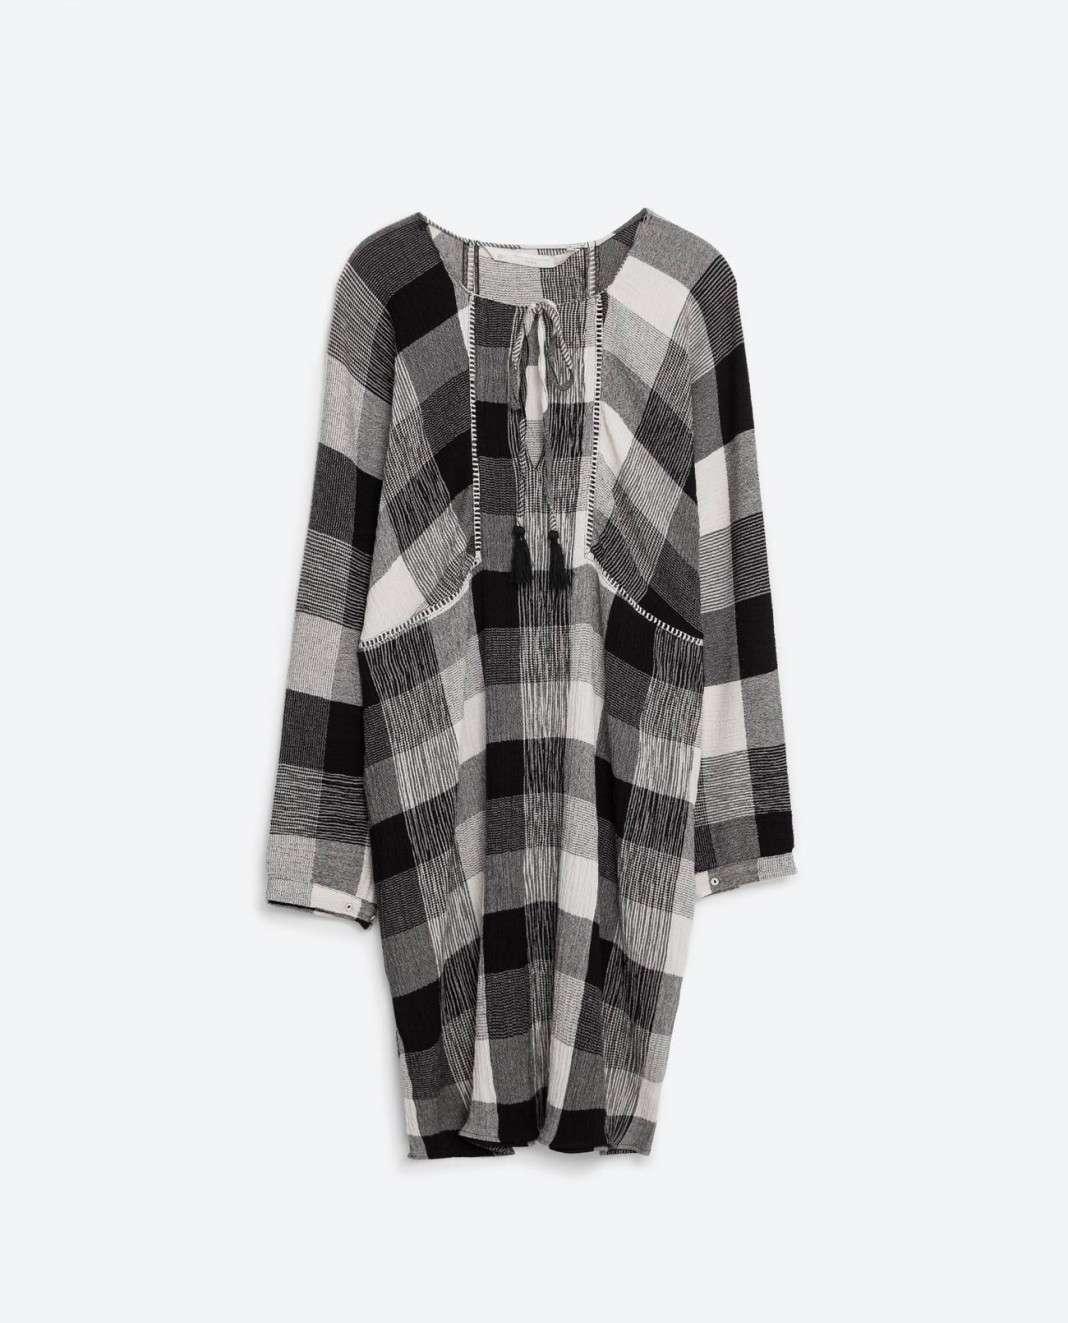 vestidos de Zara para el verano 2016 cuadros